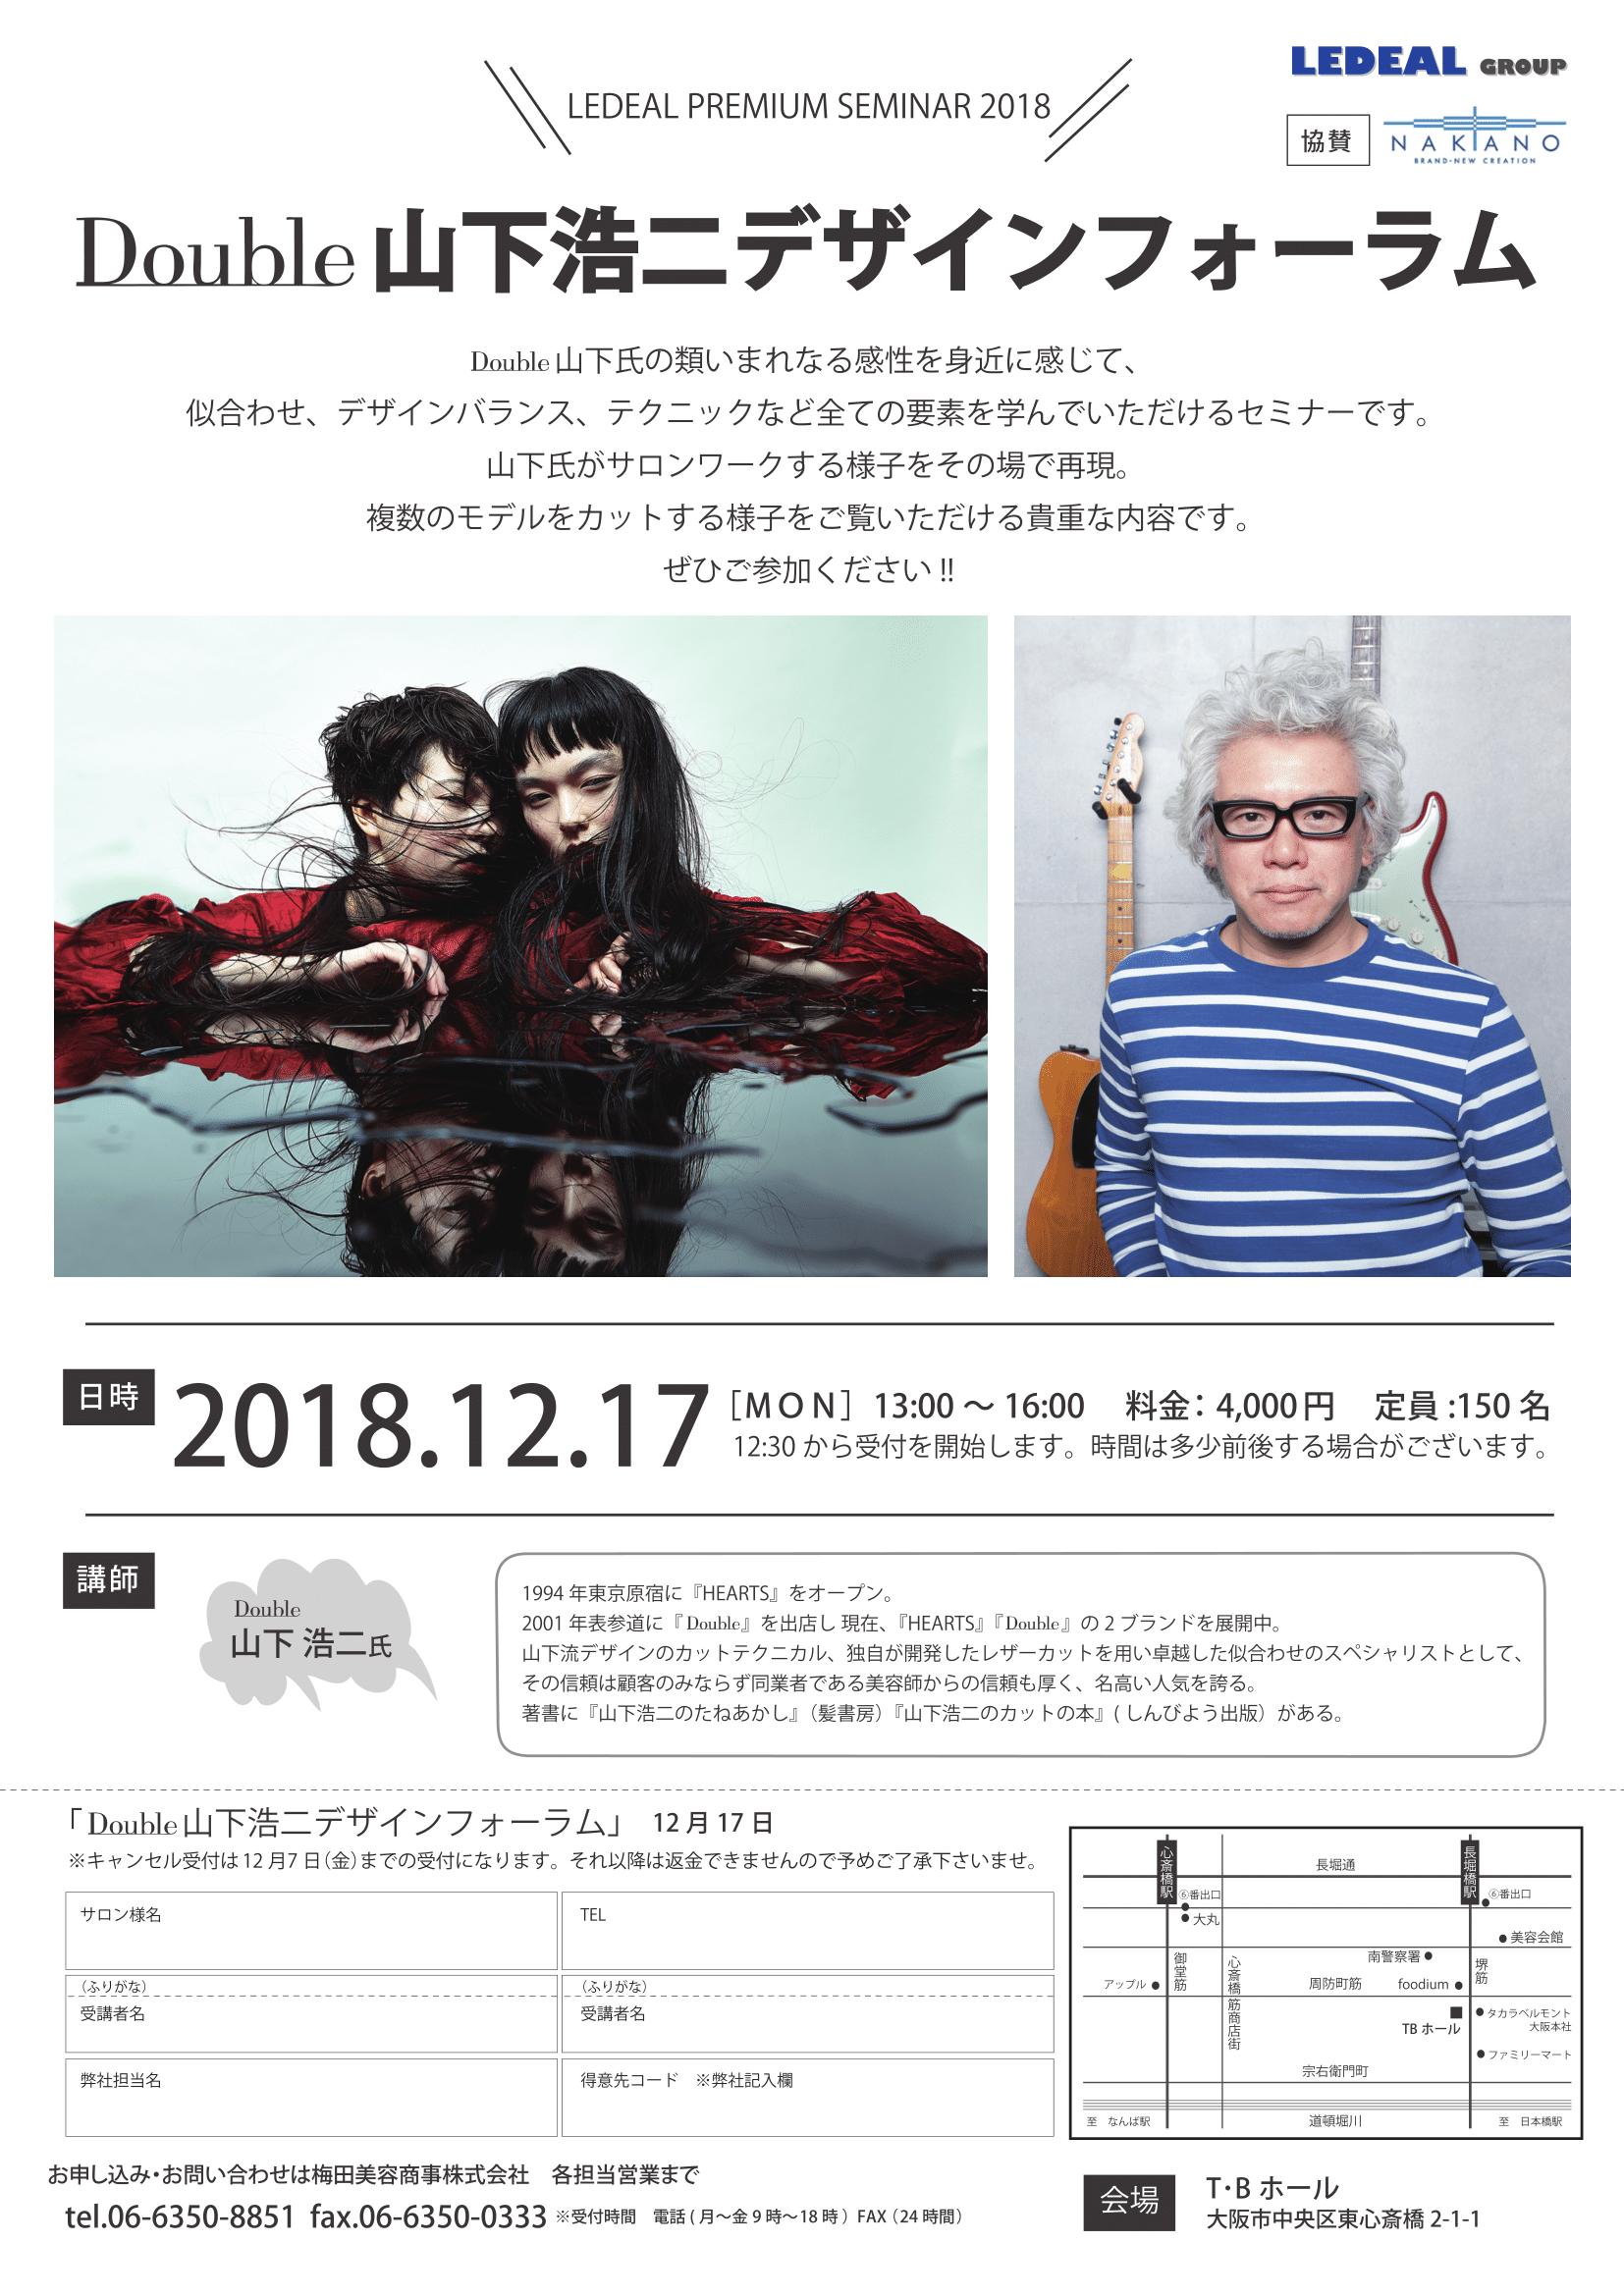 【大阪】Double山下浩二氏デザインフォーラム